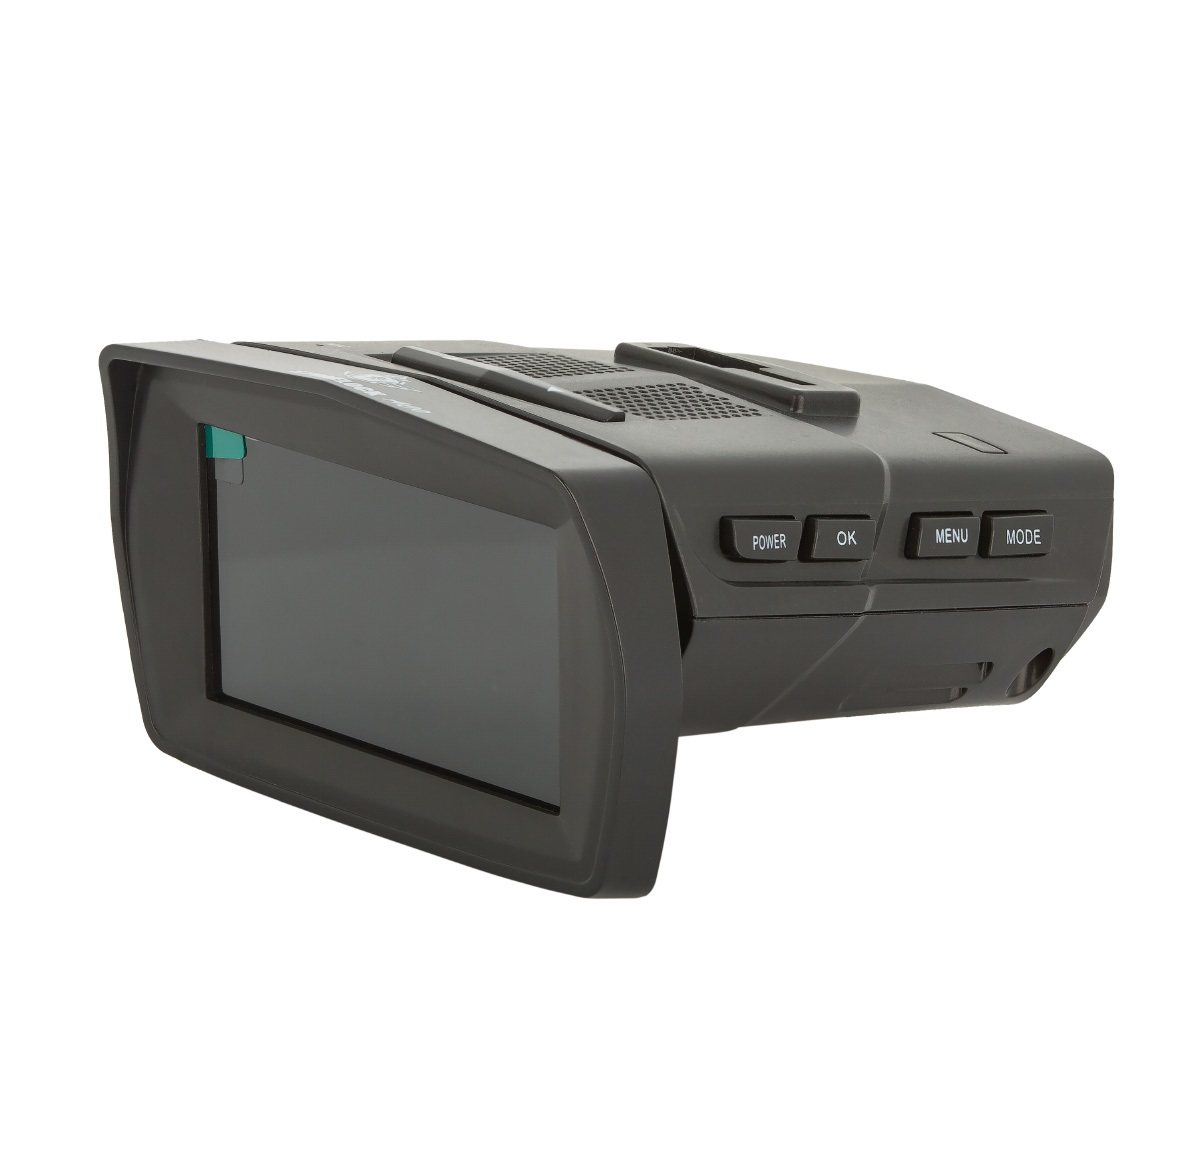 Видеорегистратор с радар-детектором Subini Stonelock Aco (+ Разветвитель в подарок!)